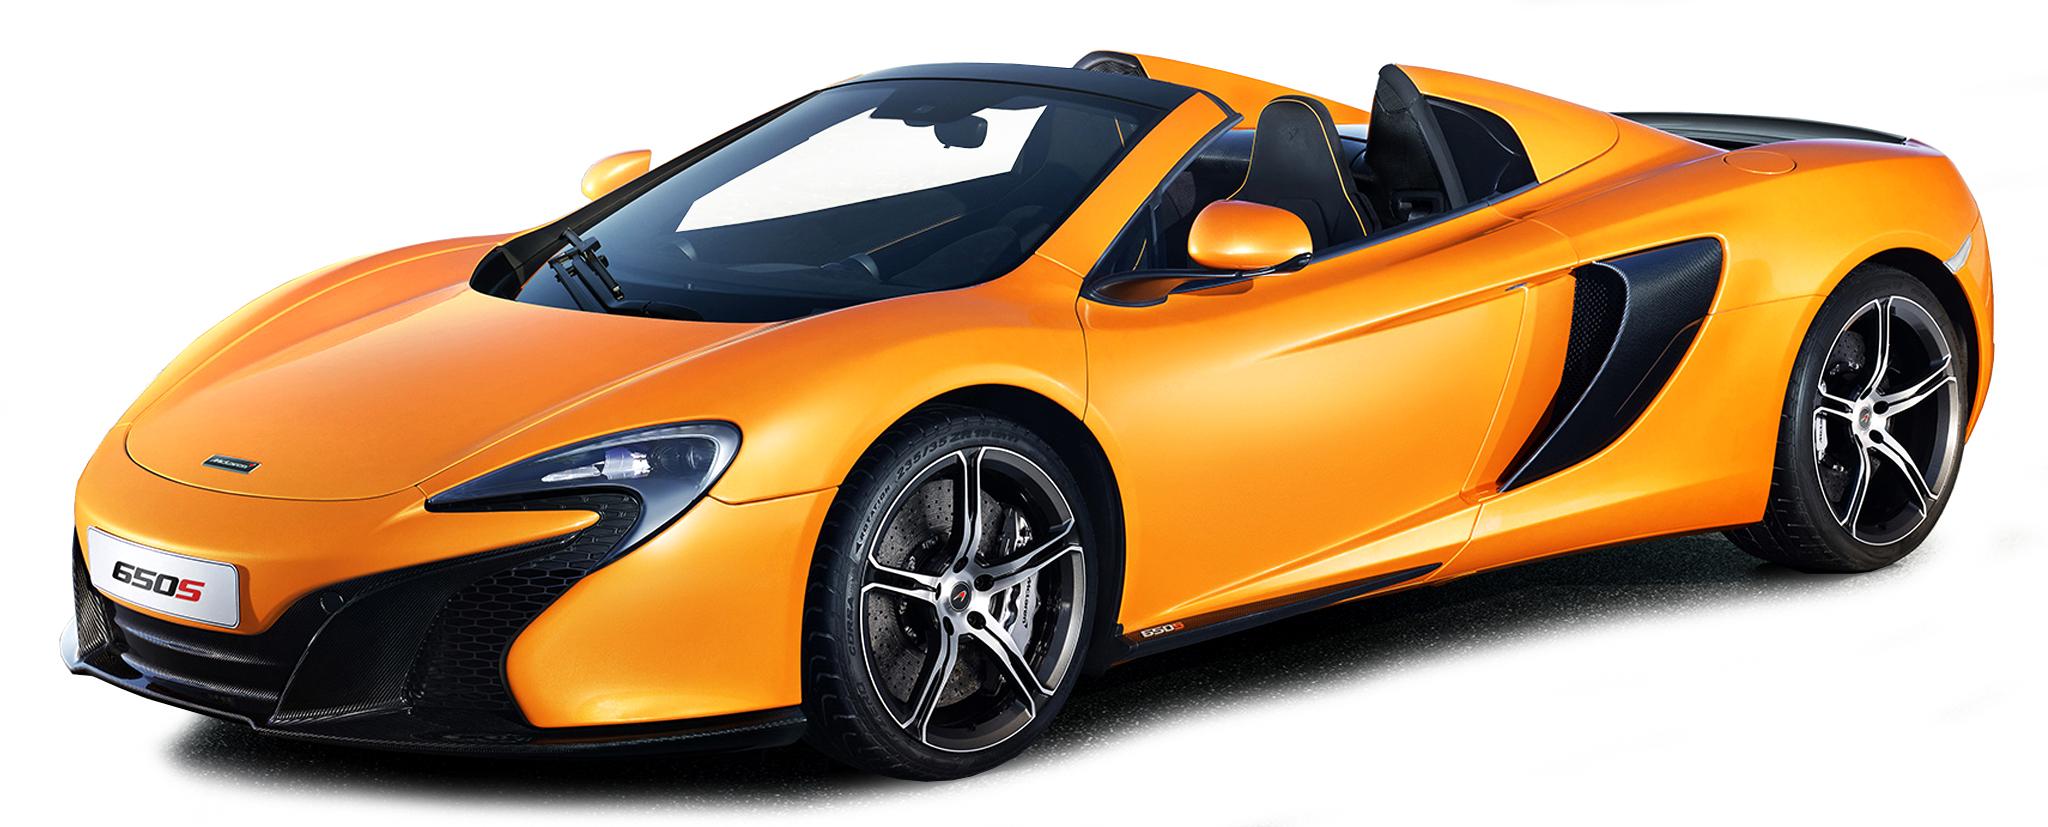 79326OR  McLaren 650S Spider, oranje, Motor Max